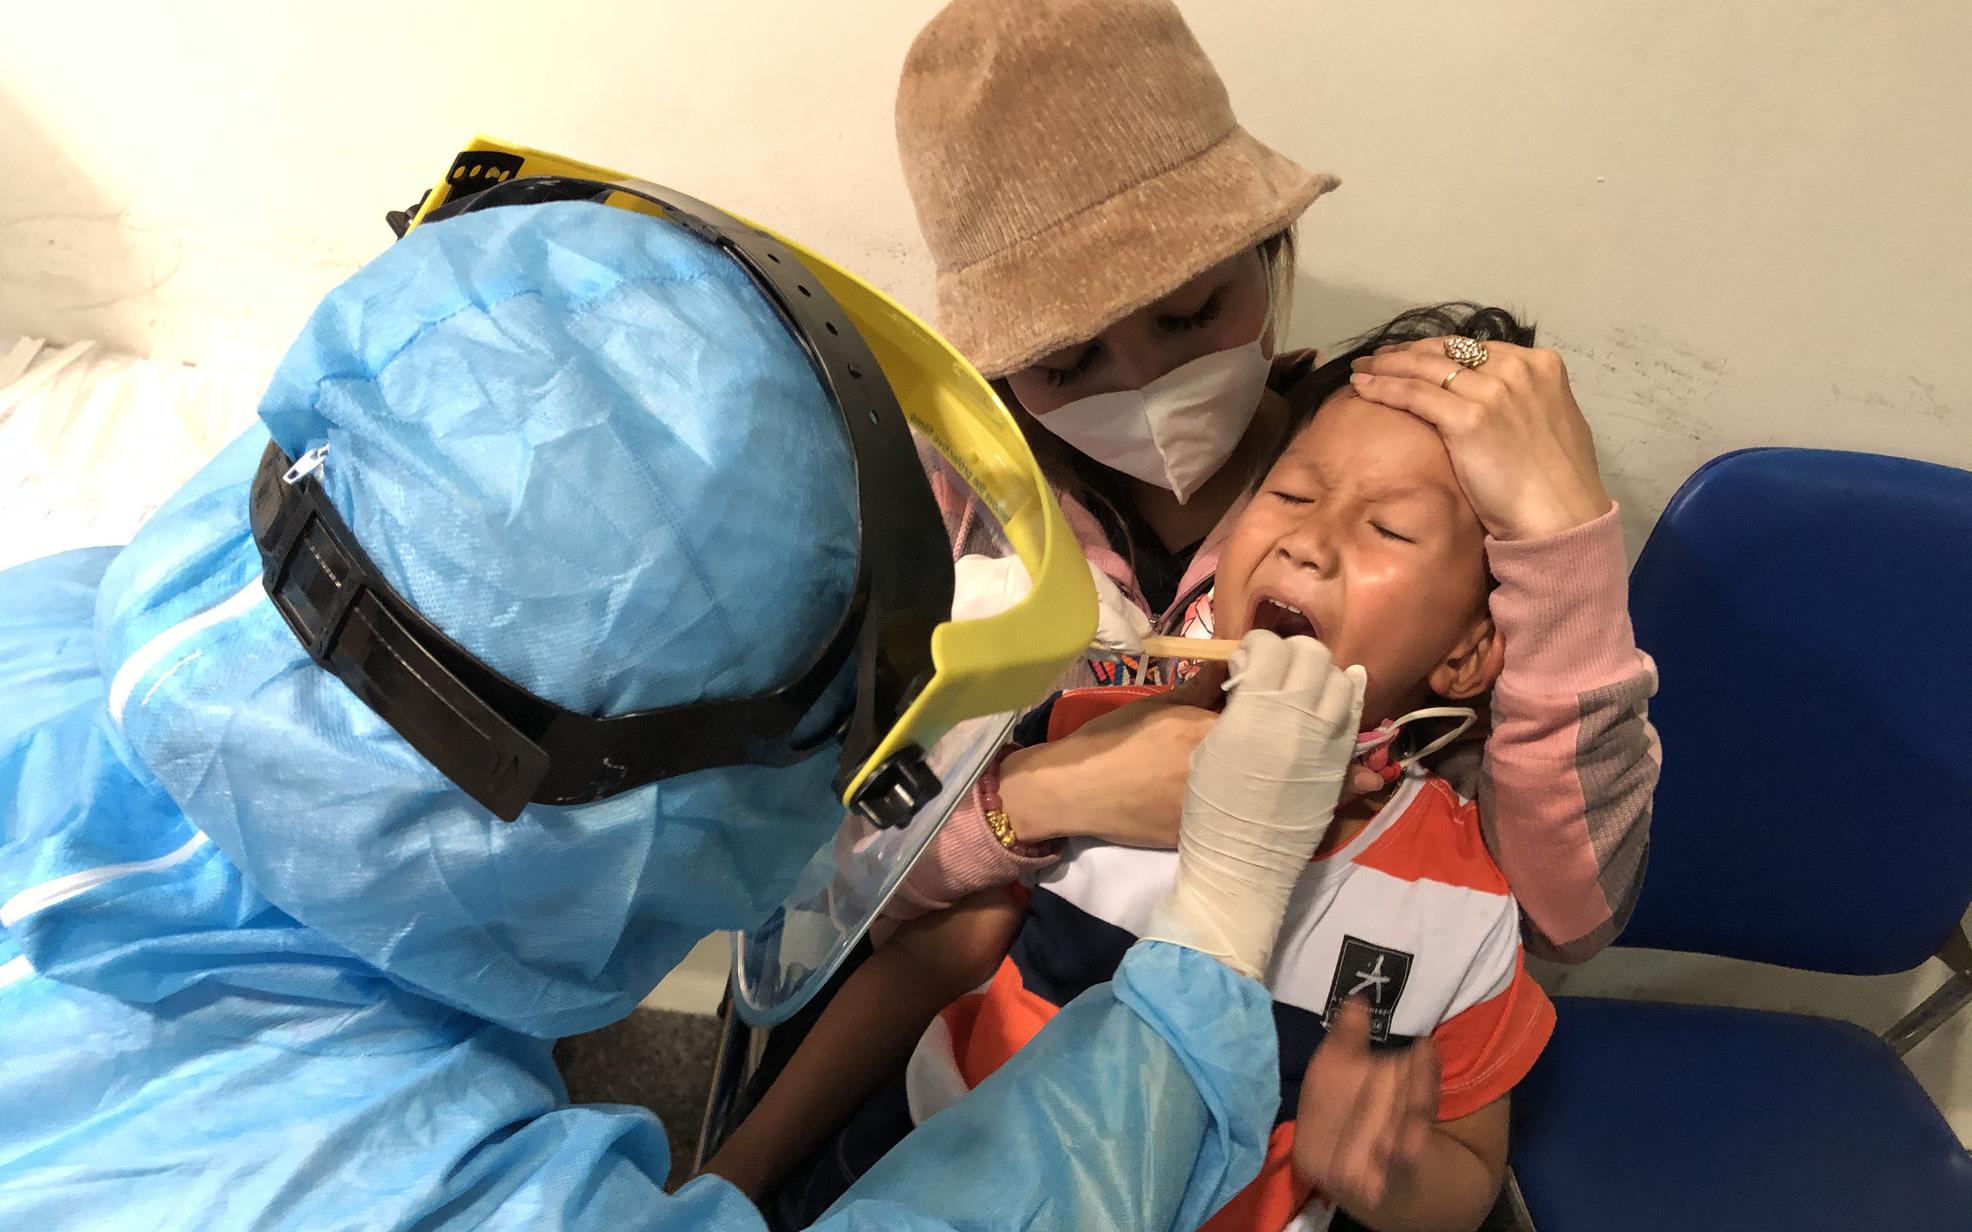 Mất 2-3 giờ chờ khai báo y tế, lấy mẫu xét nghiệm ở Tân Sơn Nhất